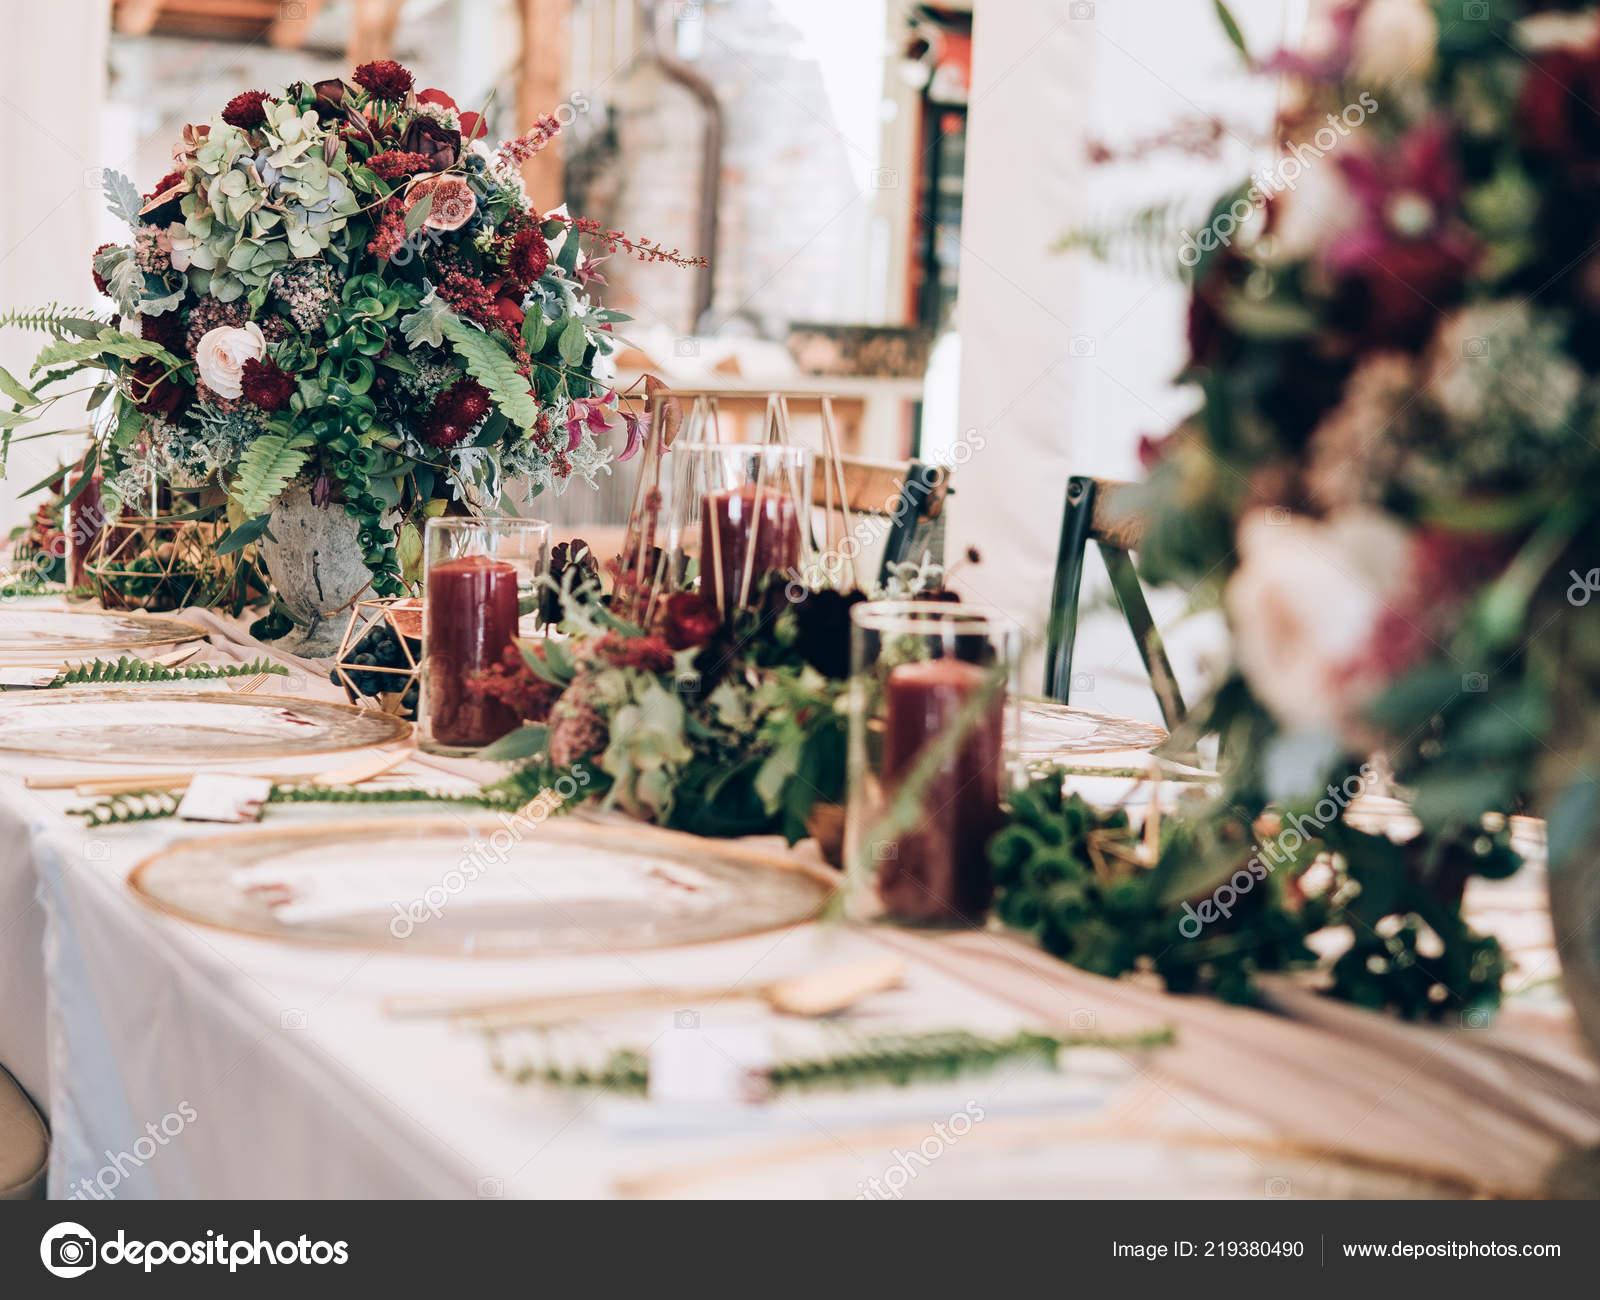 Perfekte Hochzeitsdekoration Tisch Blumenschmuck Fur Hochzeit